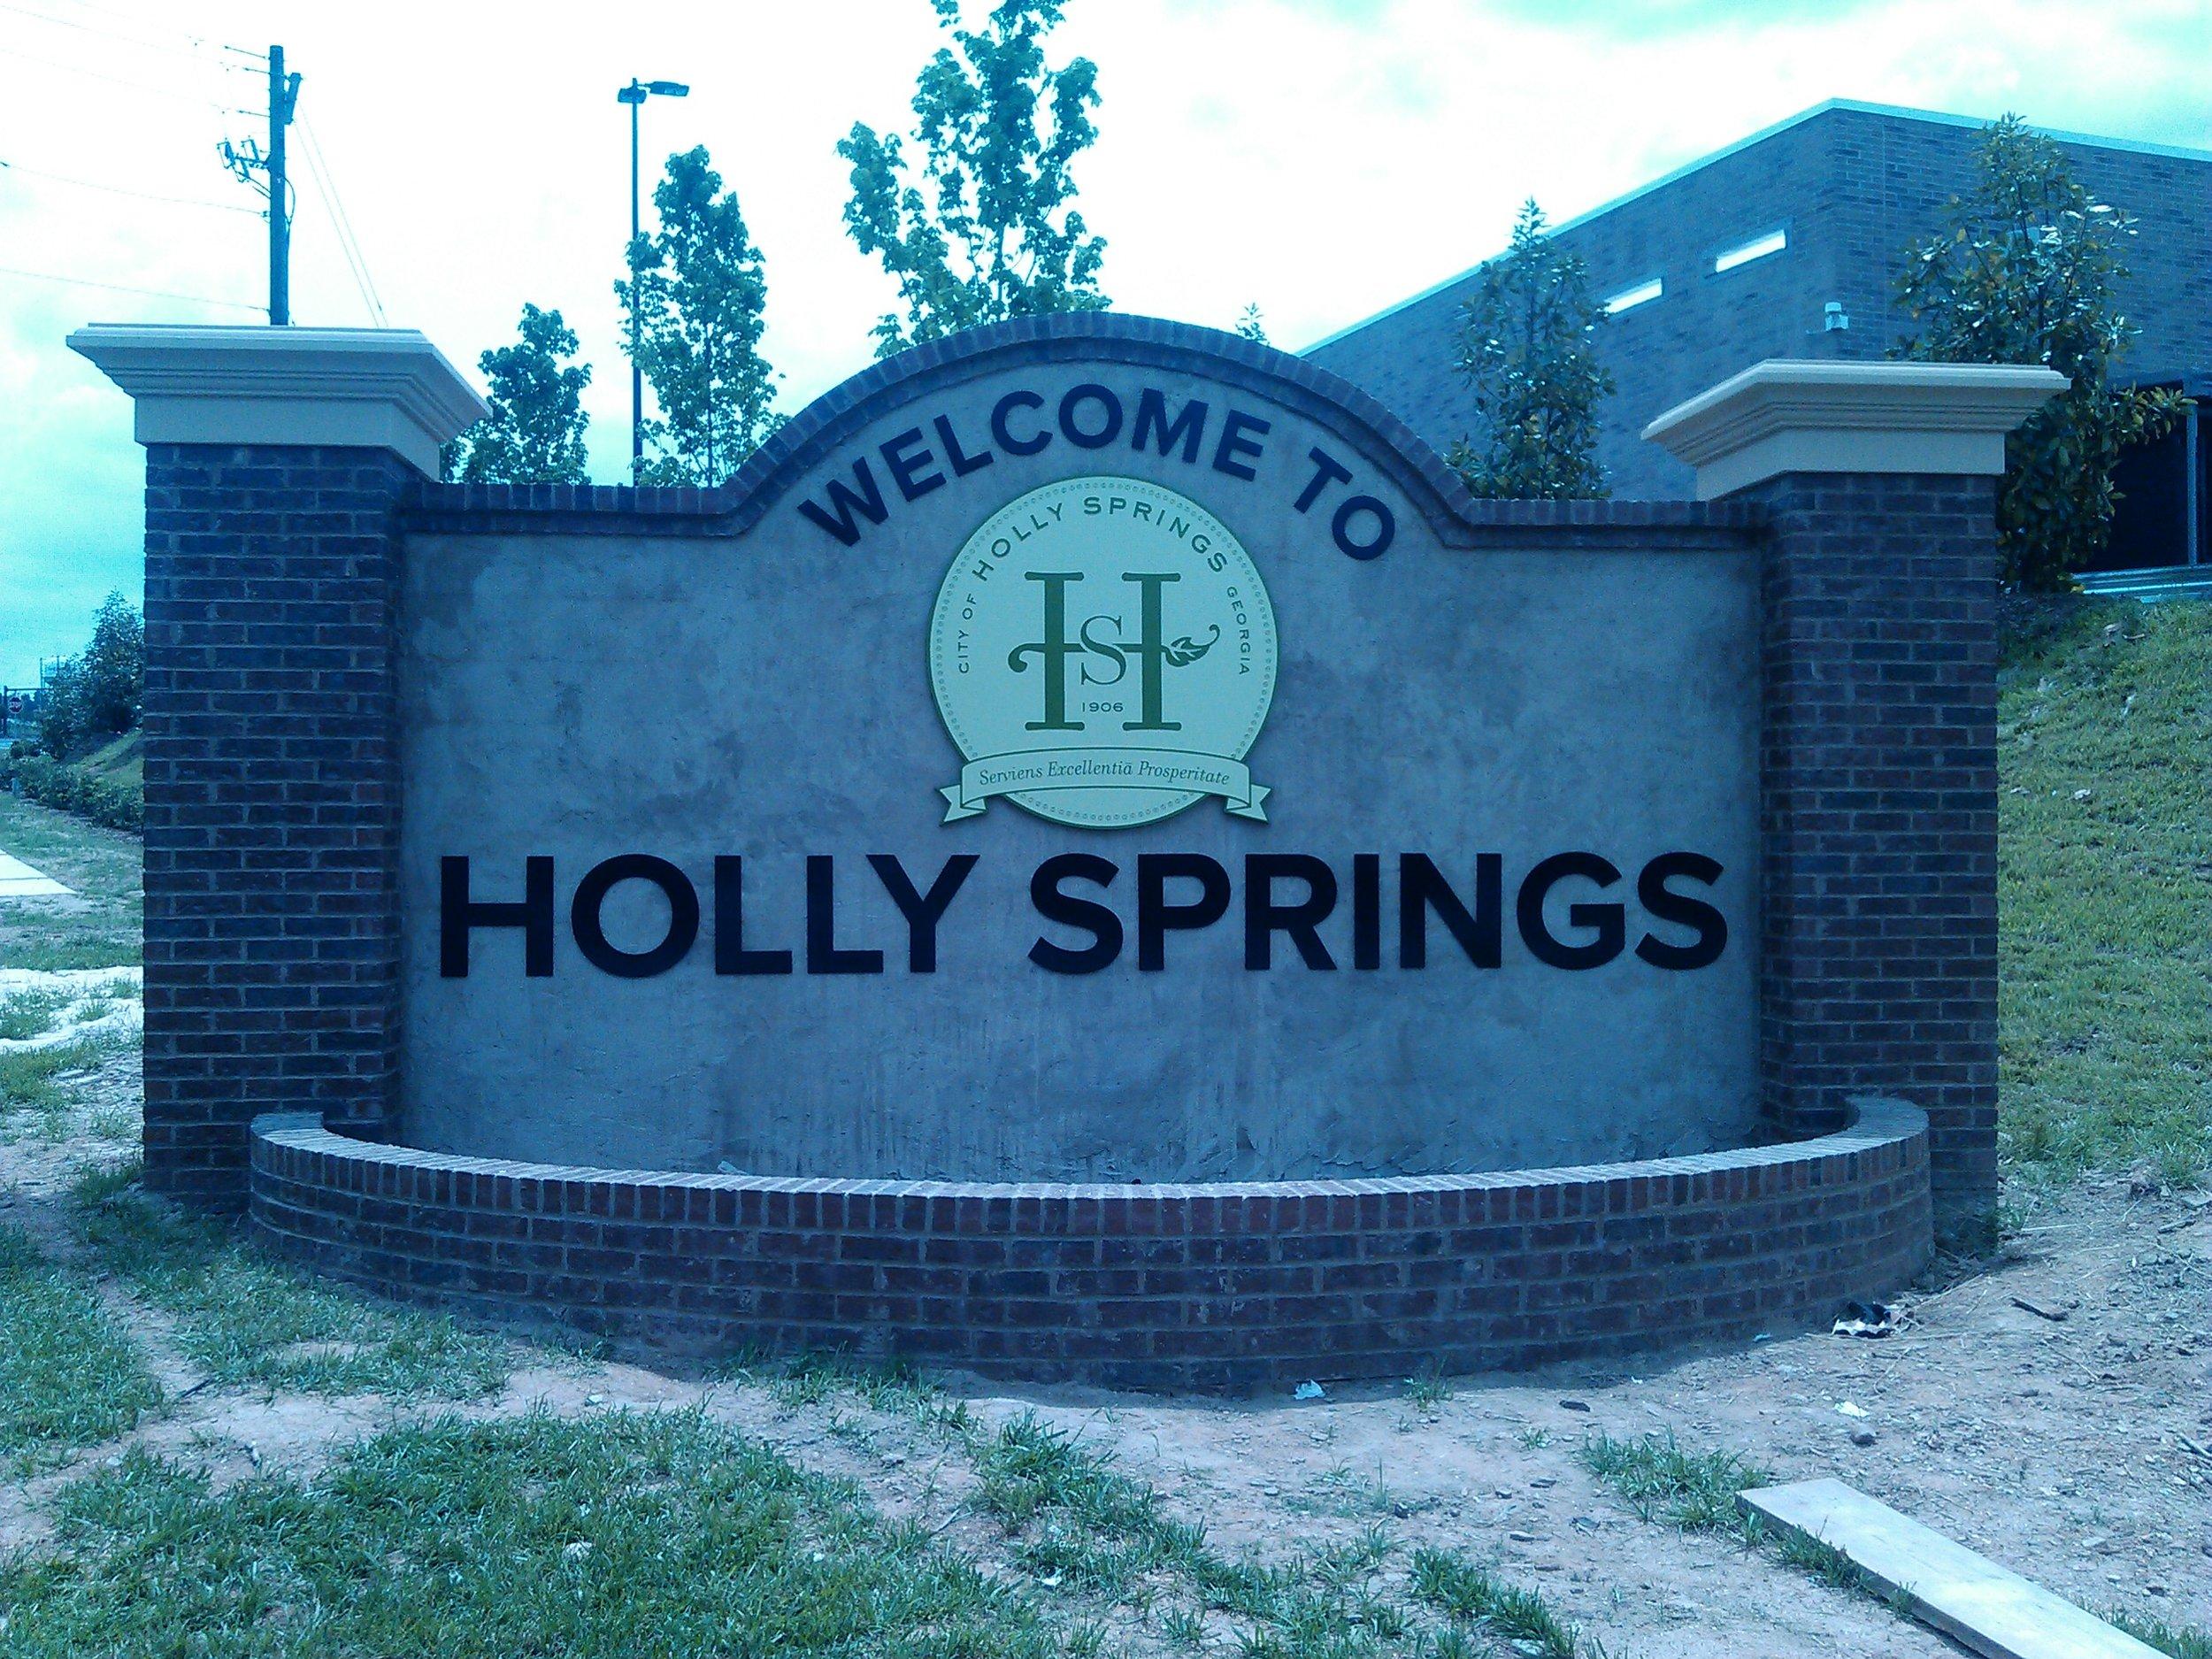 holly springs.jpg